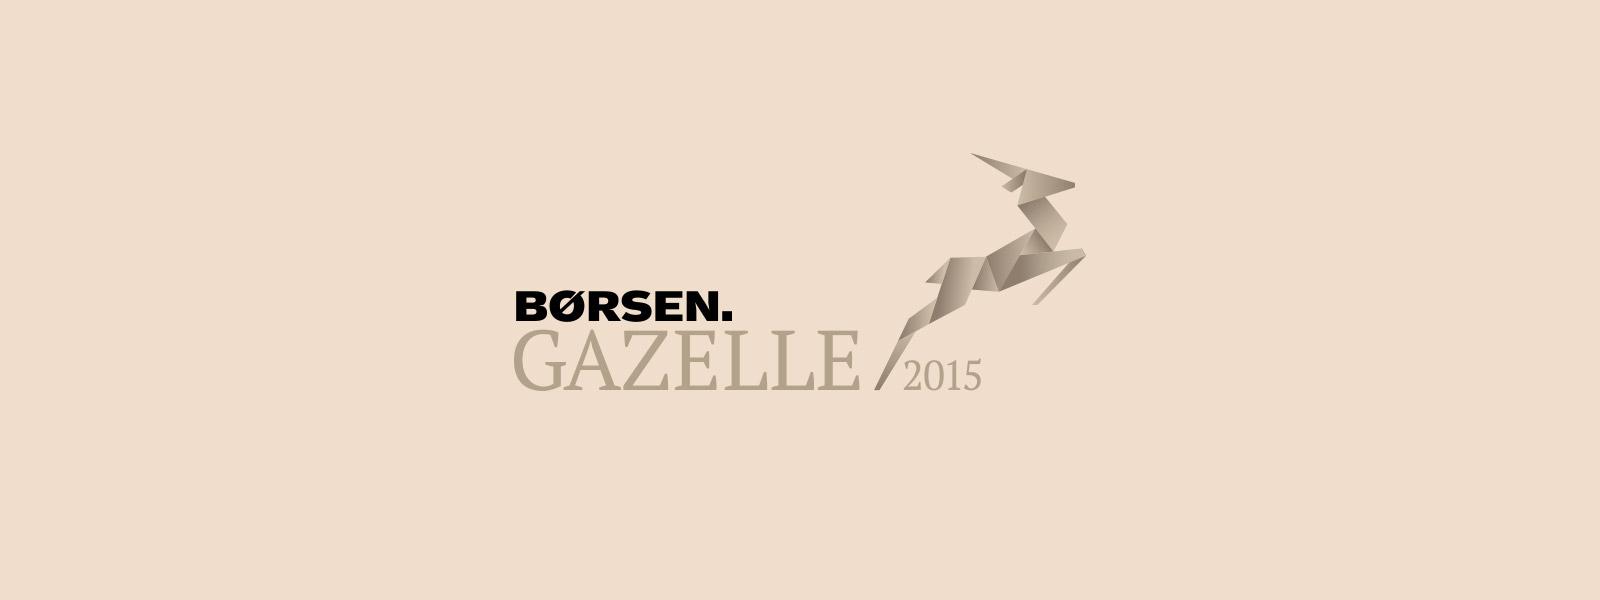 page_header_gazelle_2015